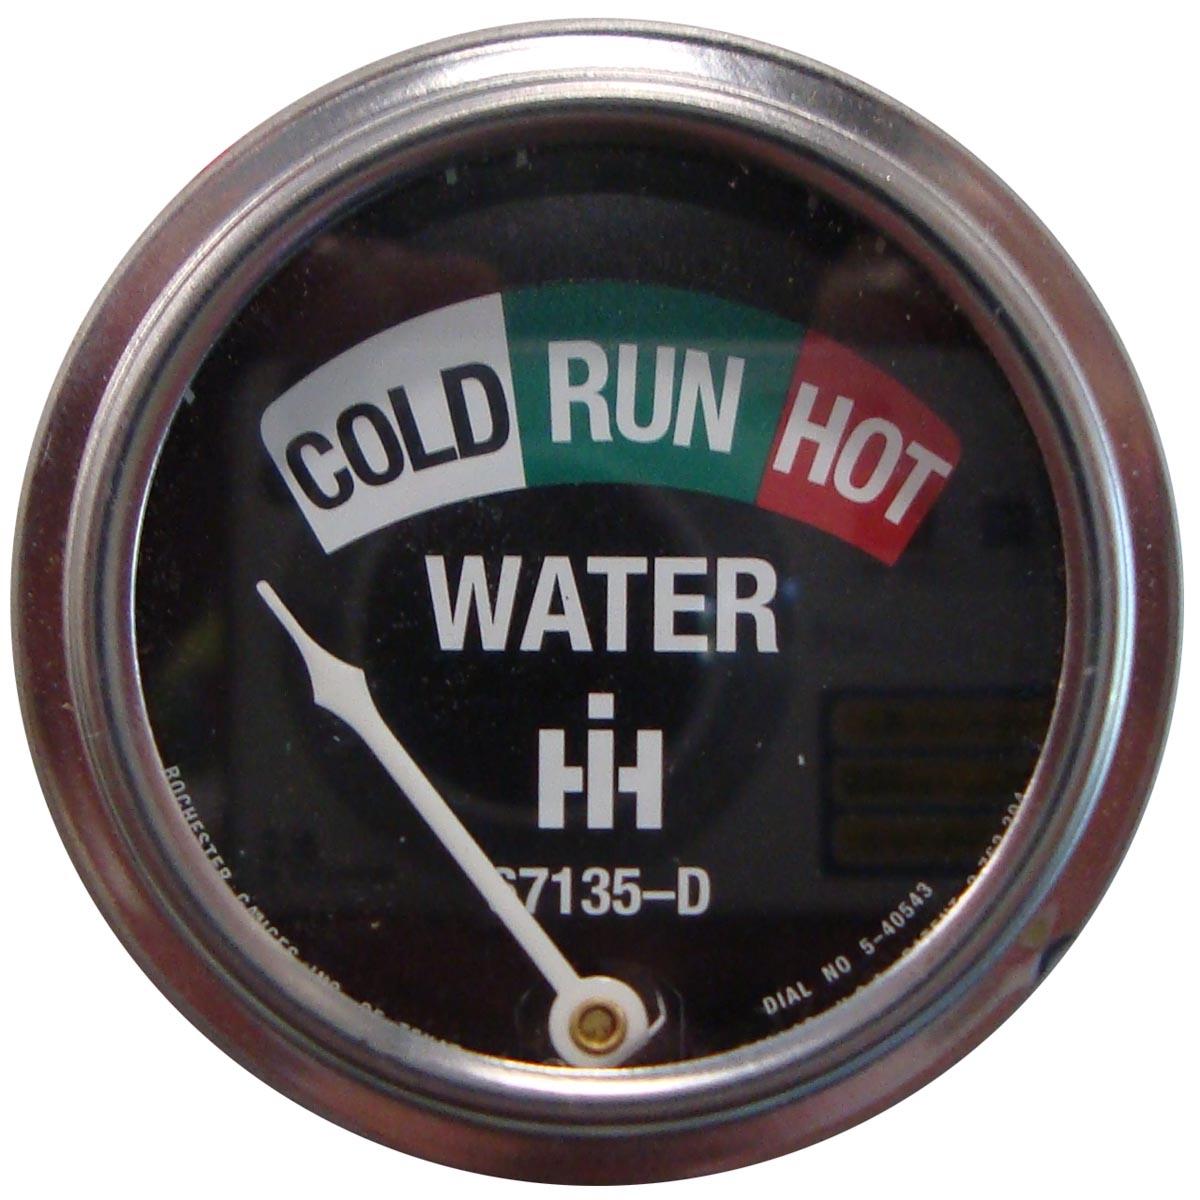 Typical temperature gauge